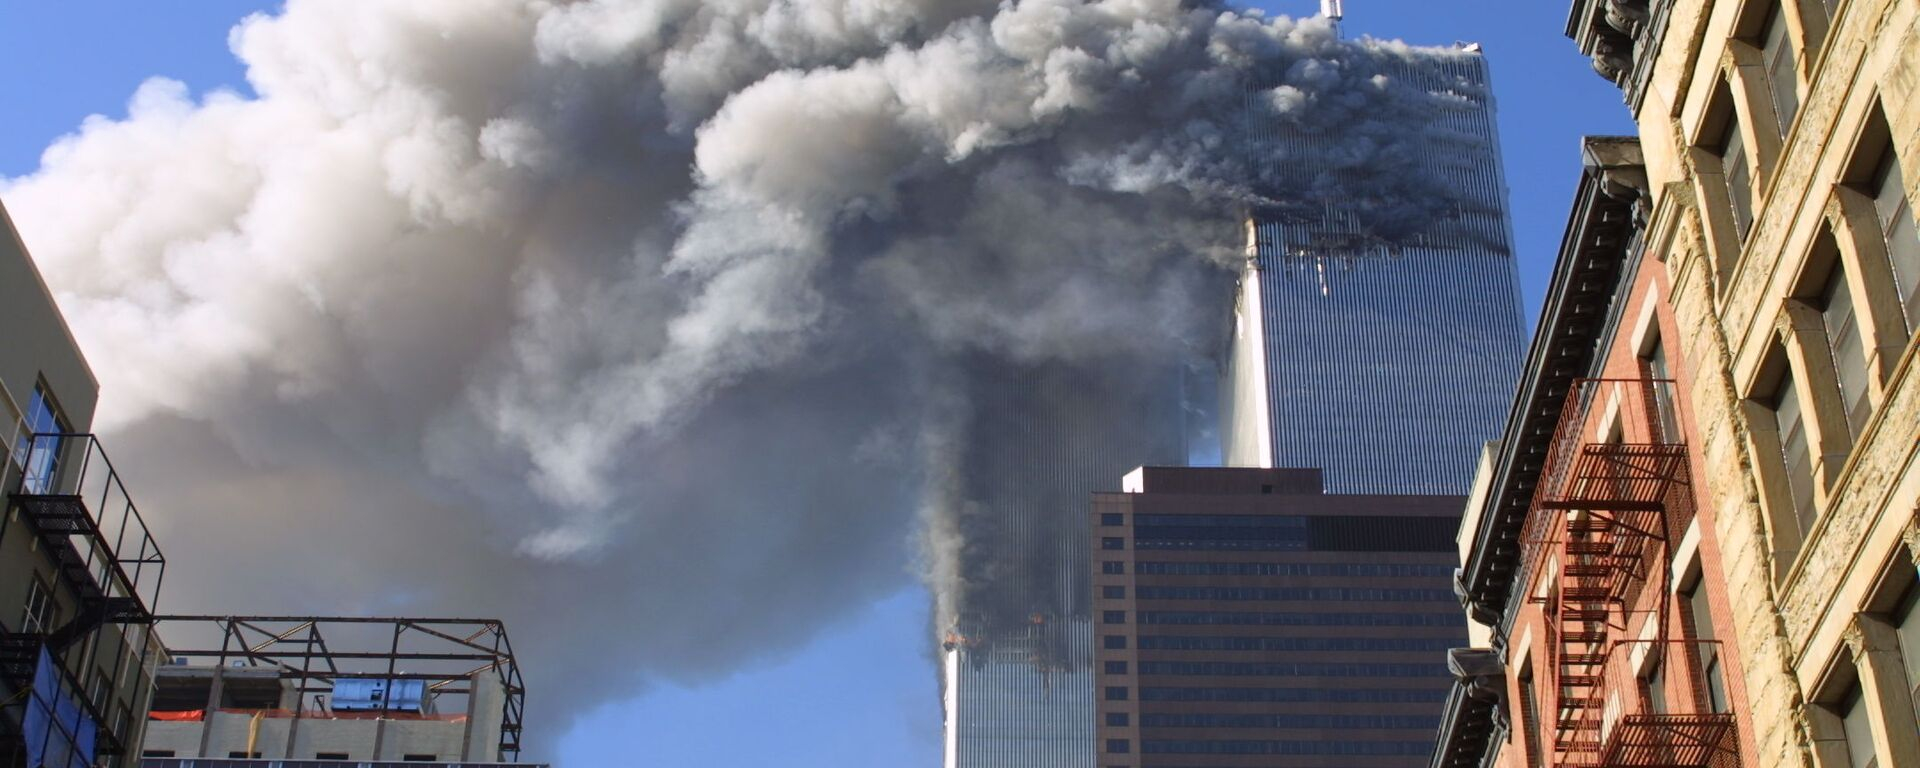 L'attentato terroristico dell'11 settembre a New York - Sputnik Italia, 1920, 22.01.2020